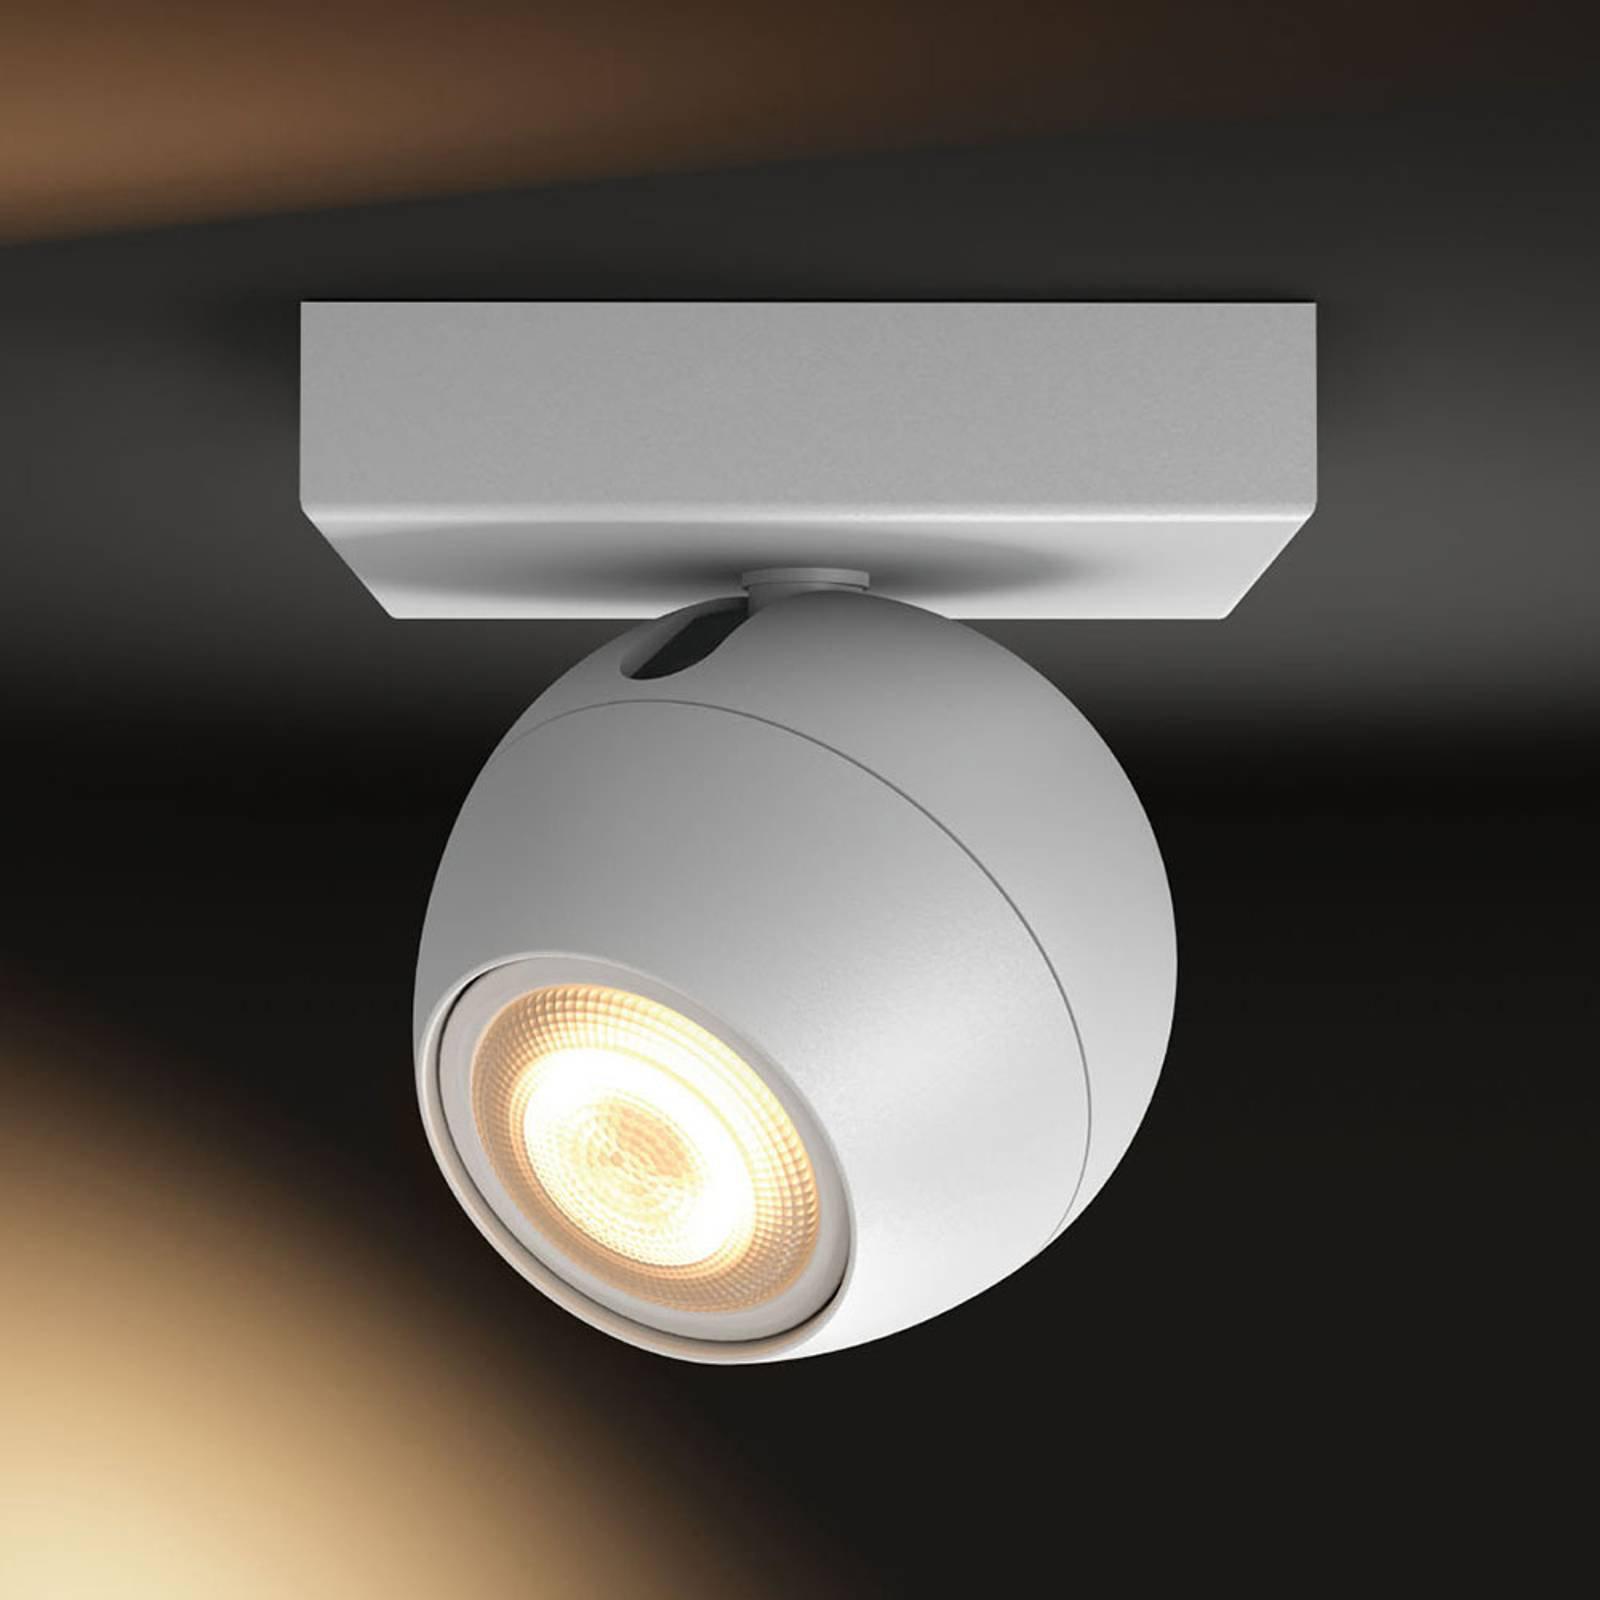 Philips Hue Buckram LED-spot i hvit forlengelse